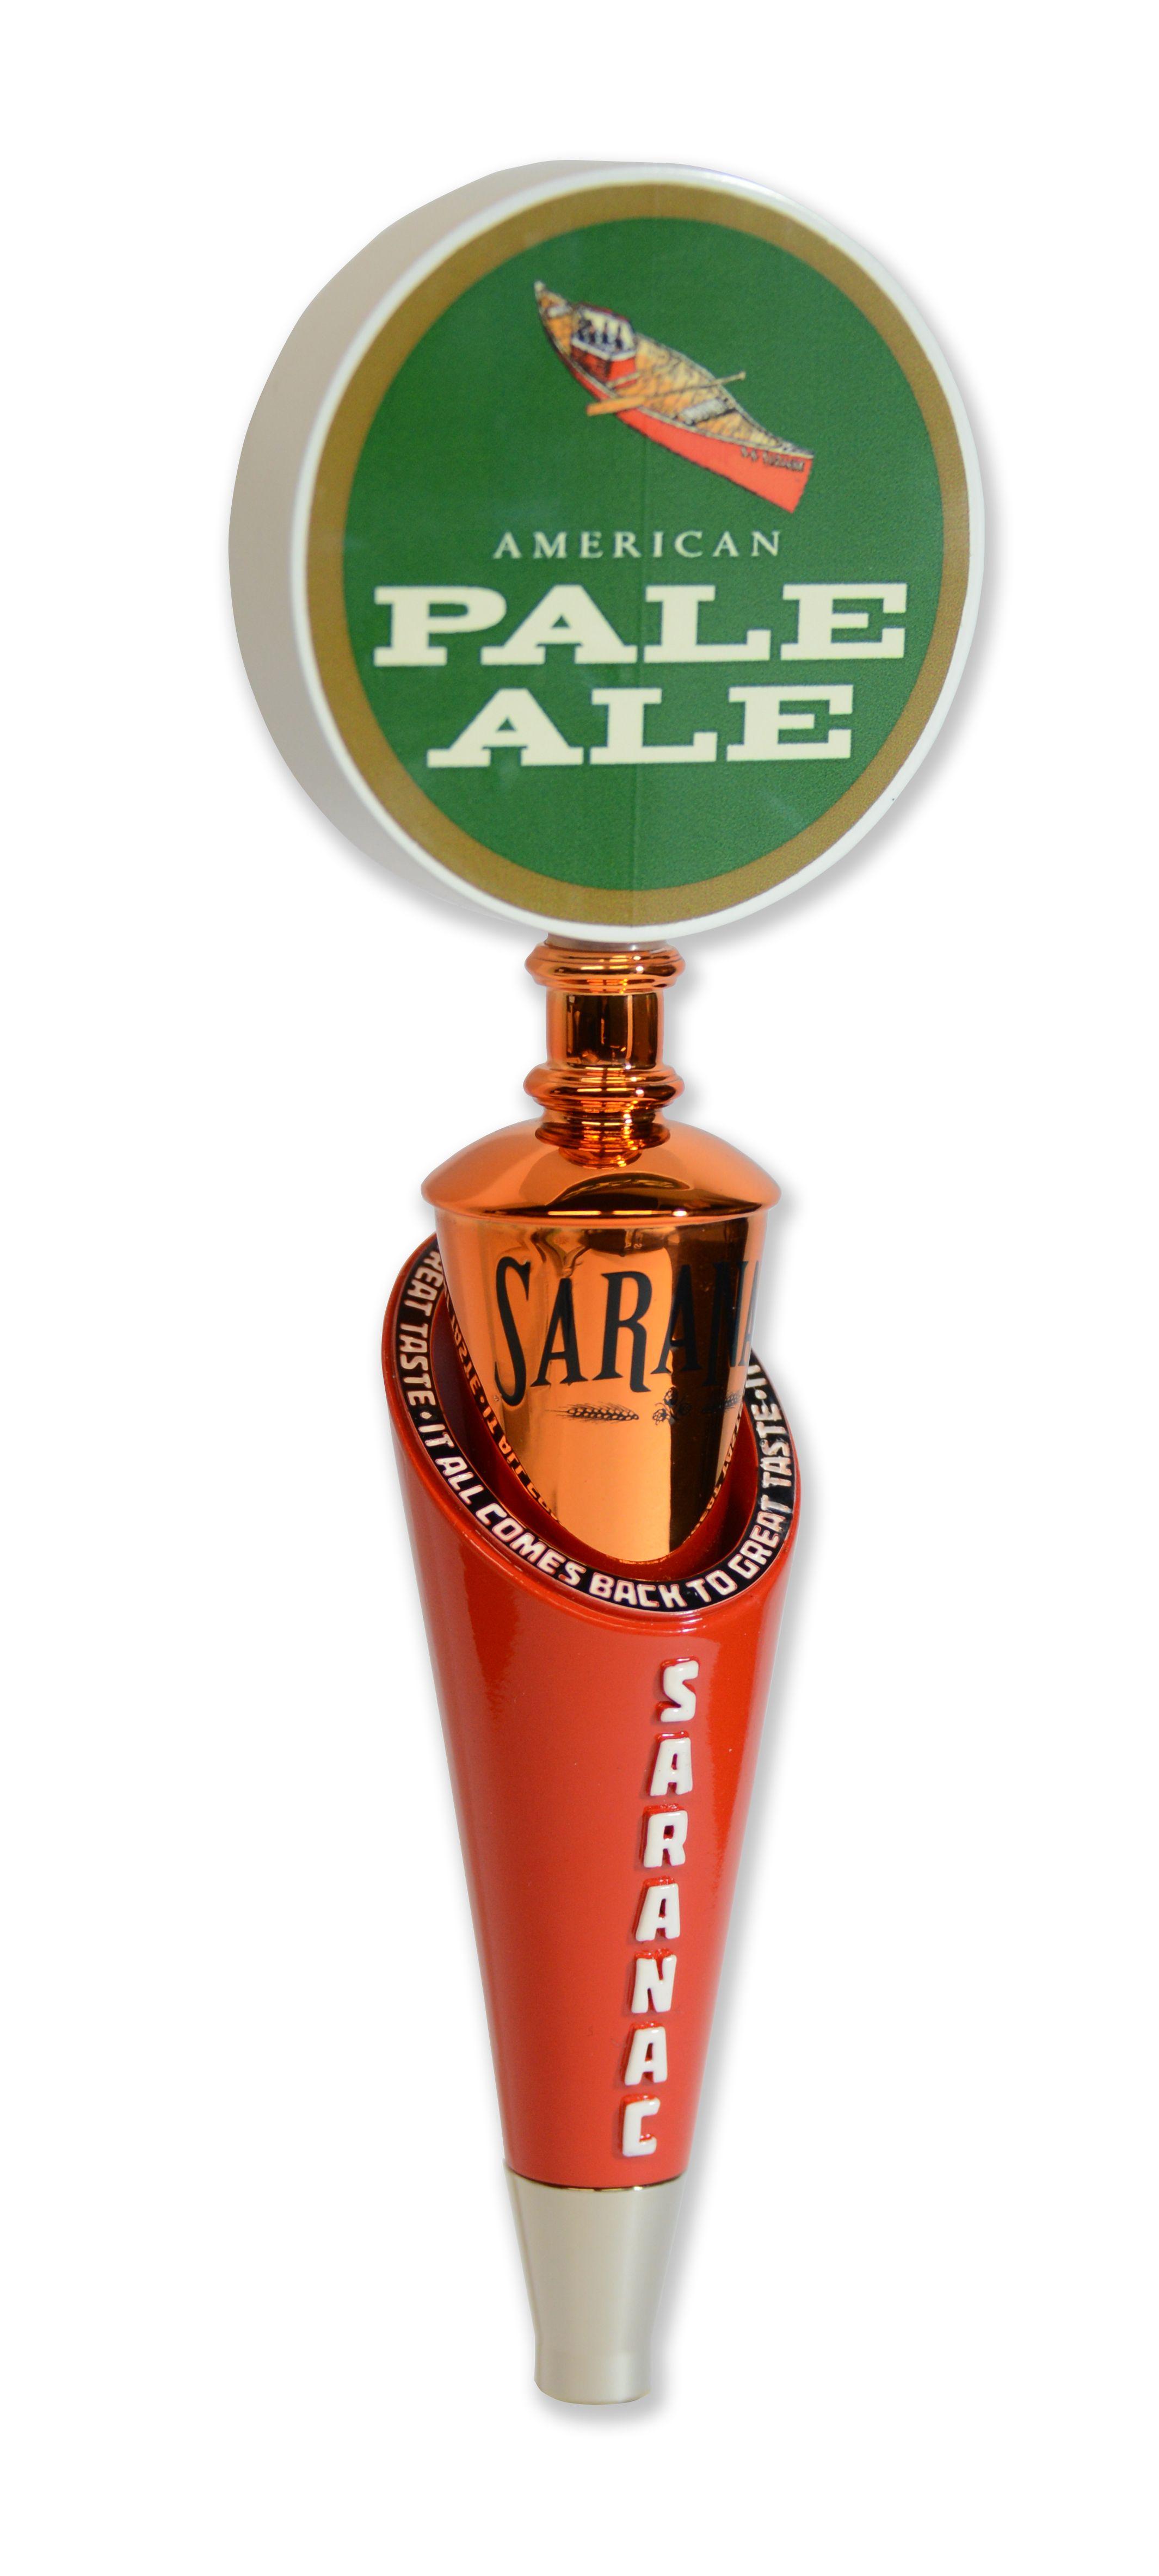 Saranac custom tap handle